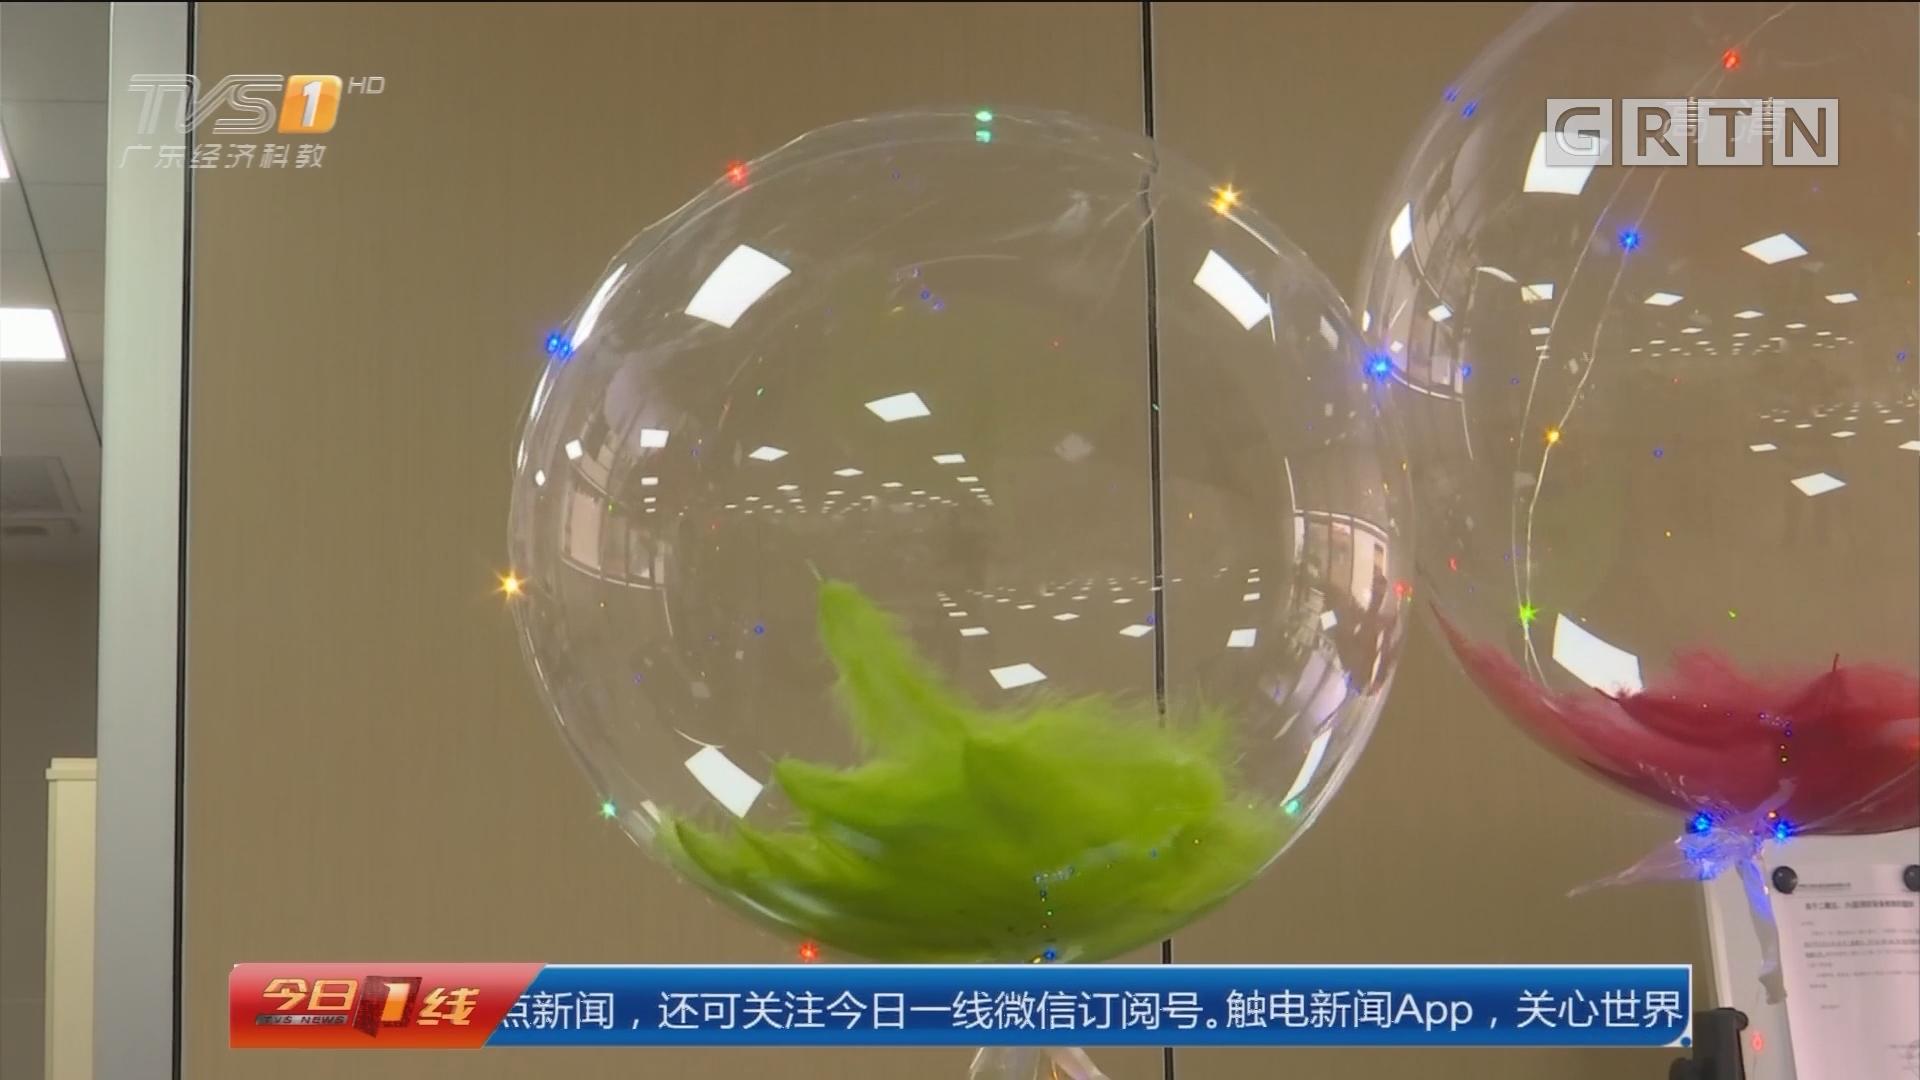 """警惕危险玩具:""""发光气球""""风行 有爆炸隐患"""